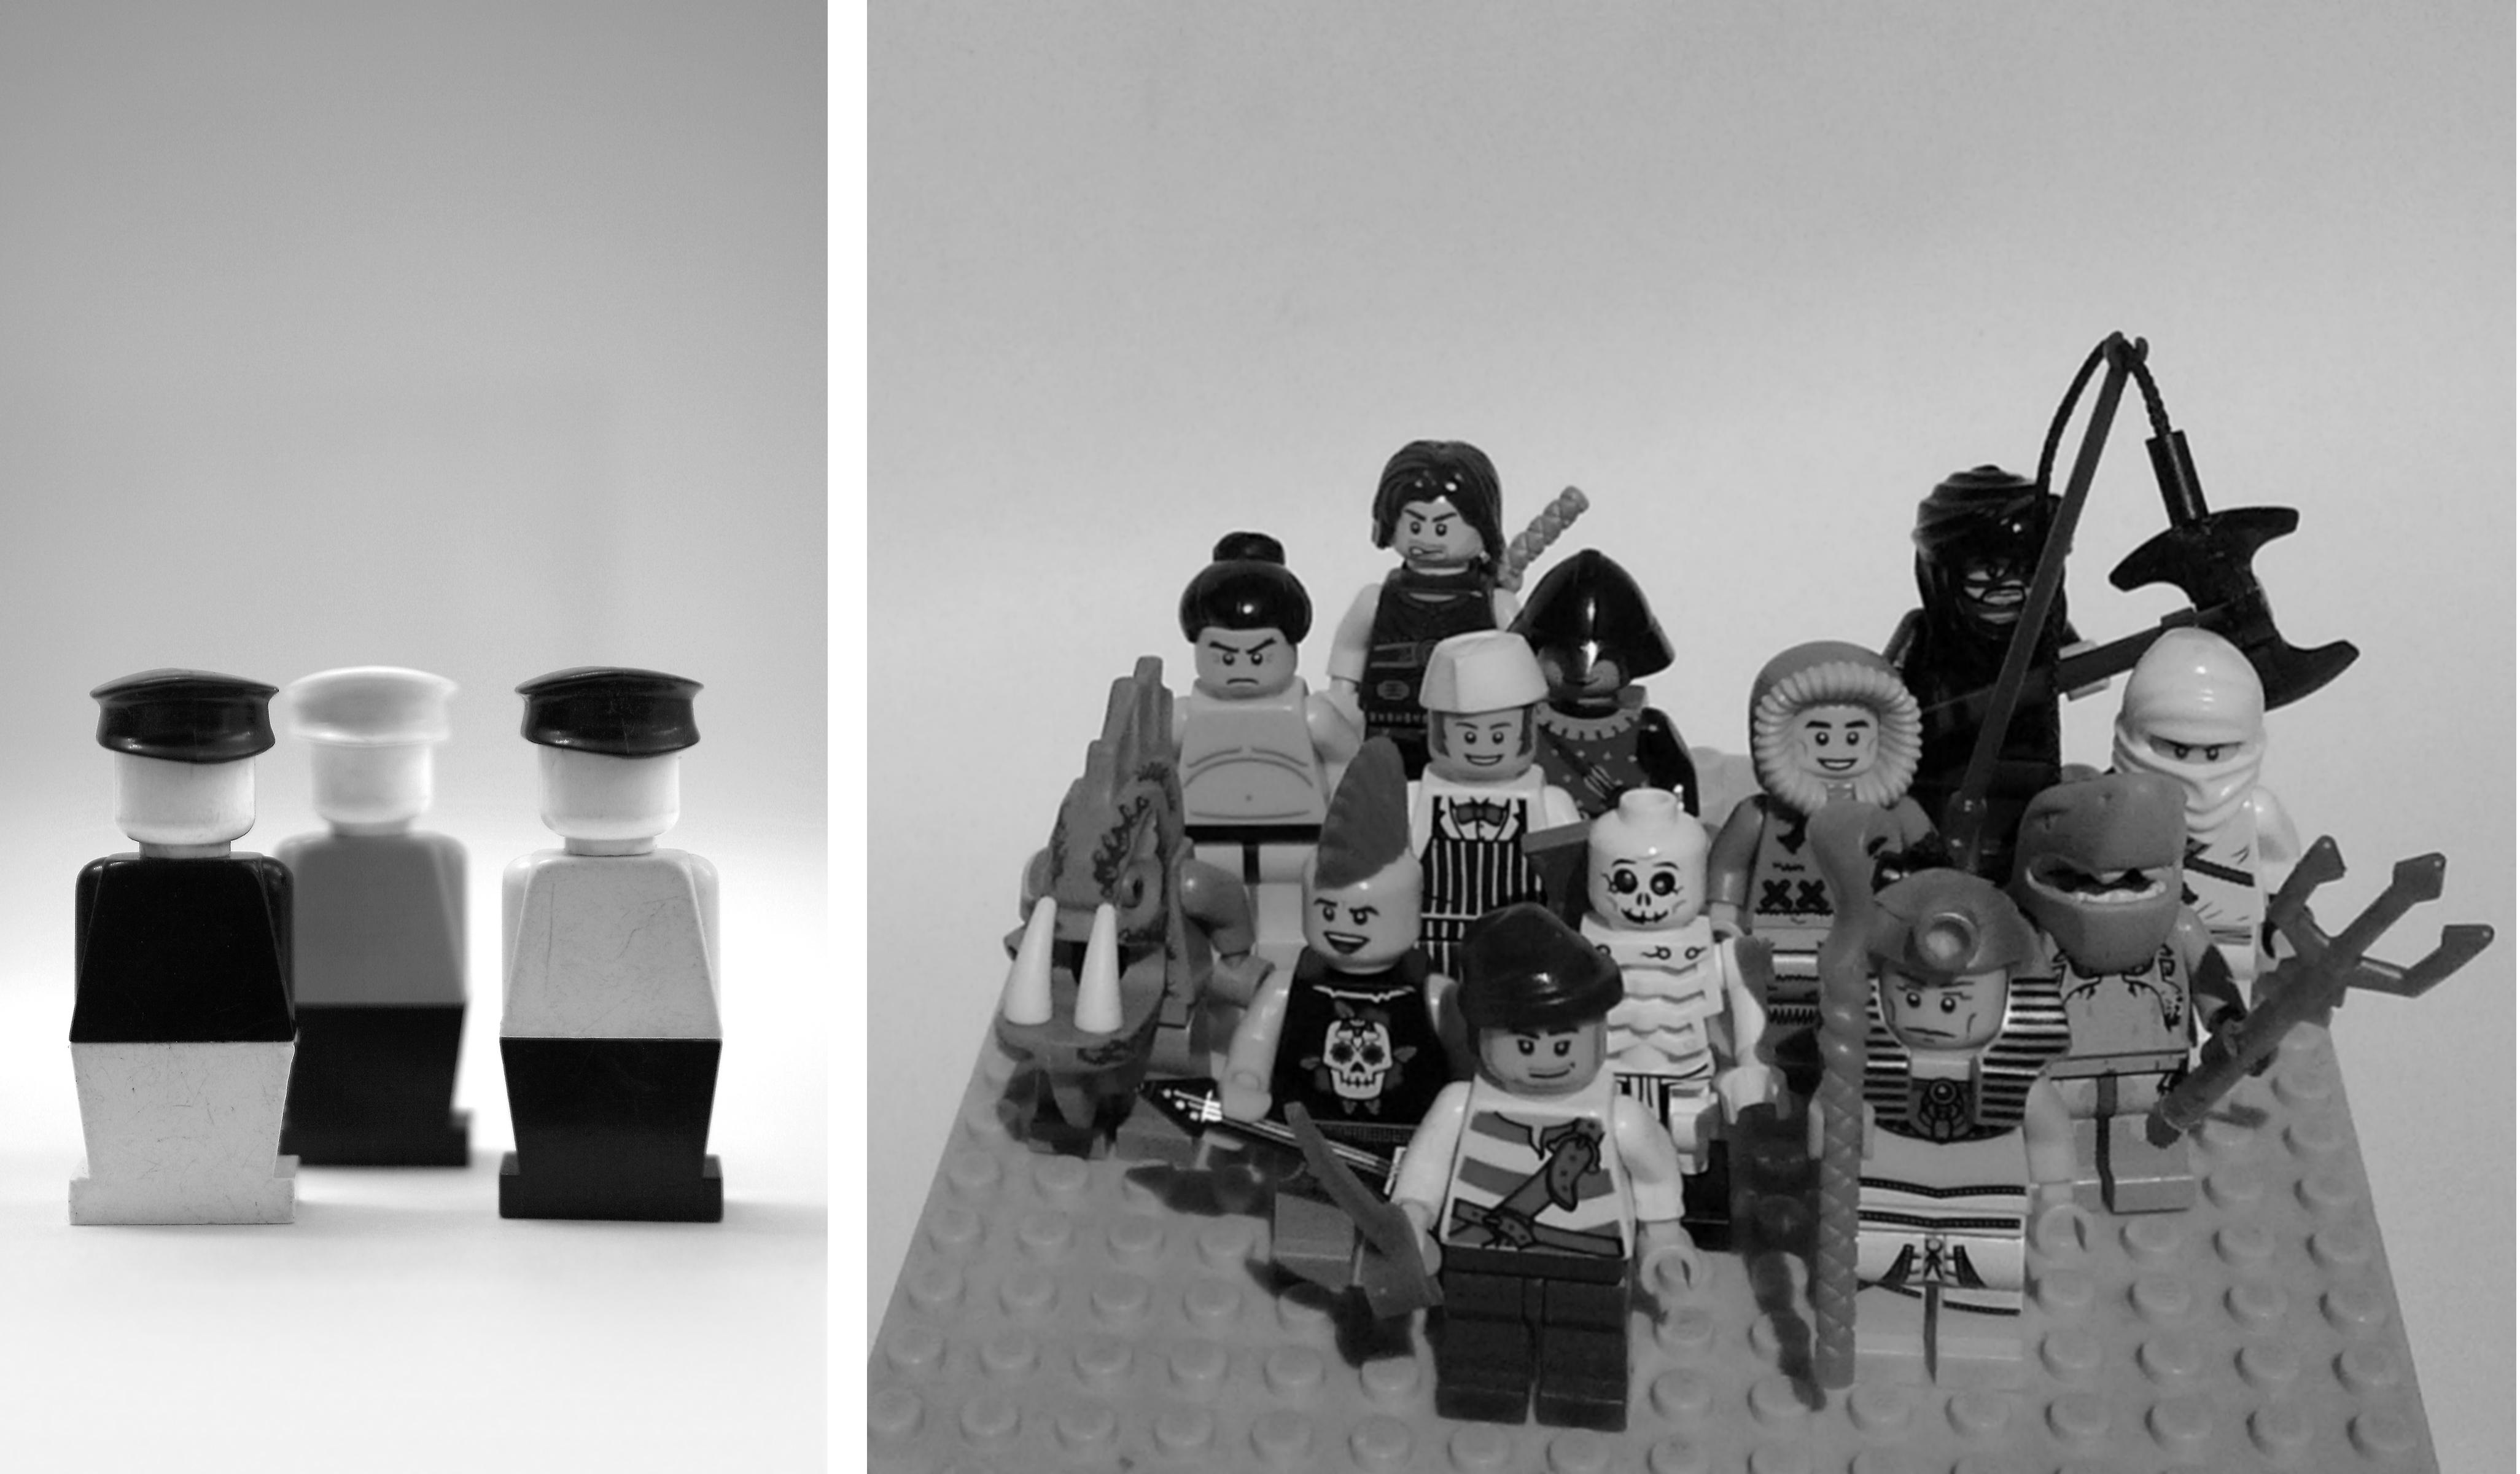 """""""Gdy upadł mur berliński wświecie Lego zapanował indywidualizm. Uniwersalny robotnik został zastąpiony przezgwiazdę filmową (…). Tobyła lekcja kapitalizmu: możesz być kim chcesz. Achcesz być celebrytą lub postacią zserialu."""" fot.Tomek Frycz (dzięki uprzejmości wyd. Karakter) / fot.G. Sułkowska"""